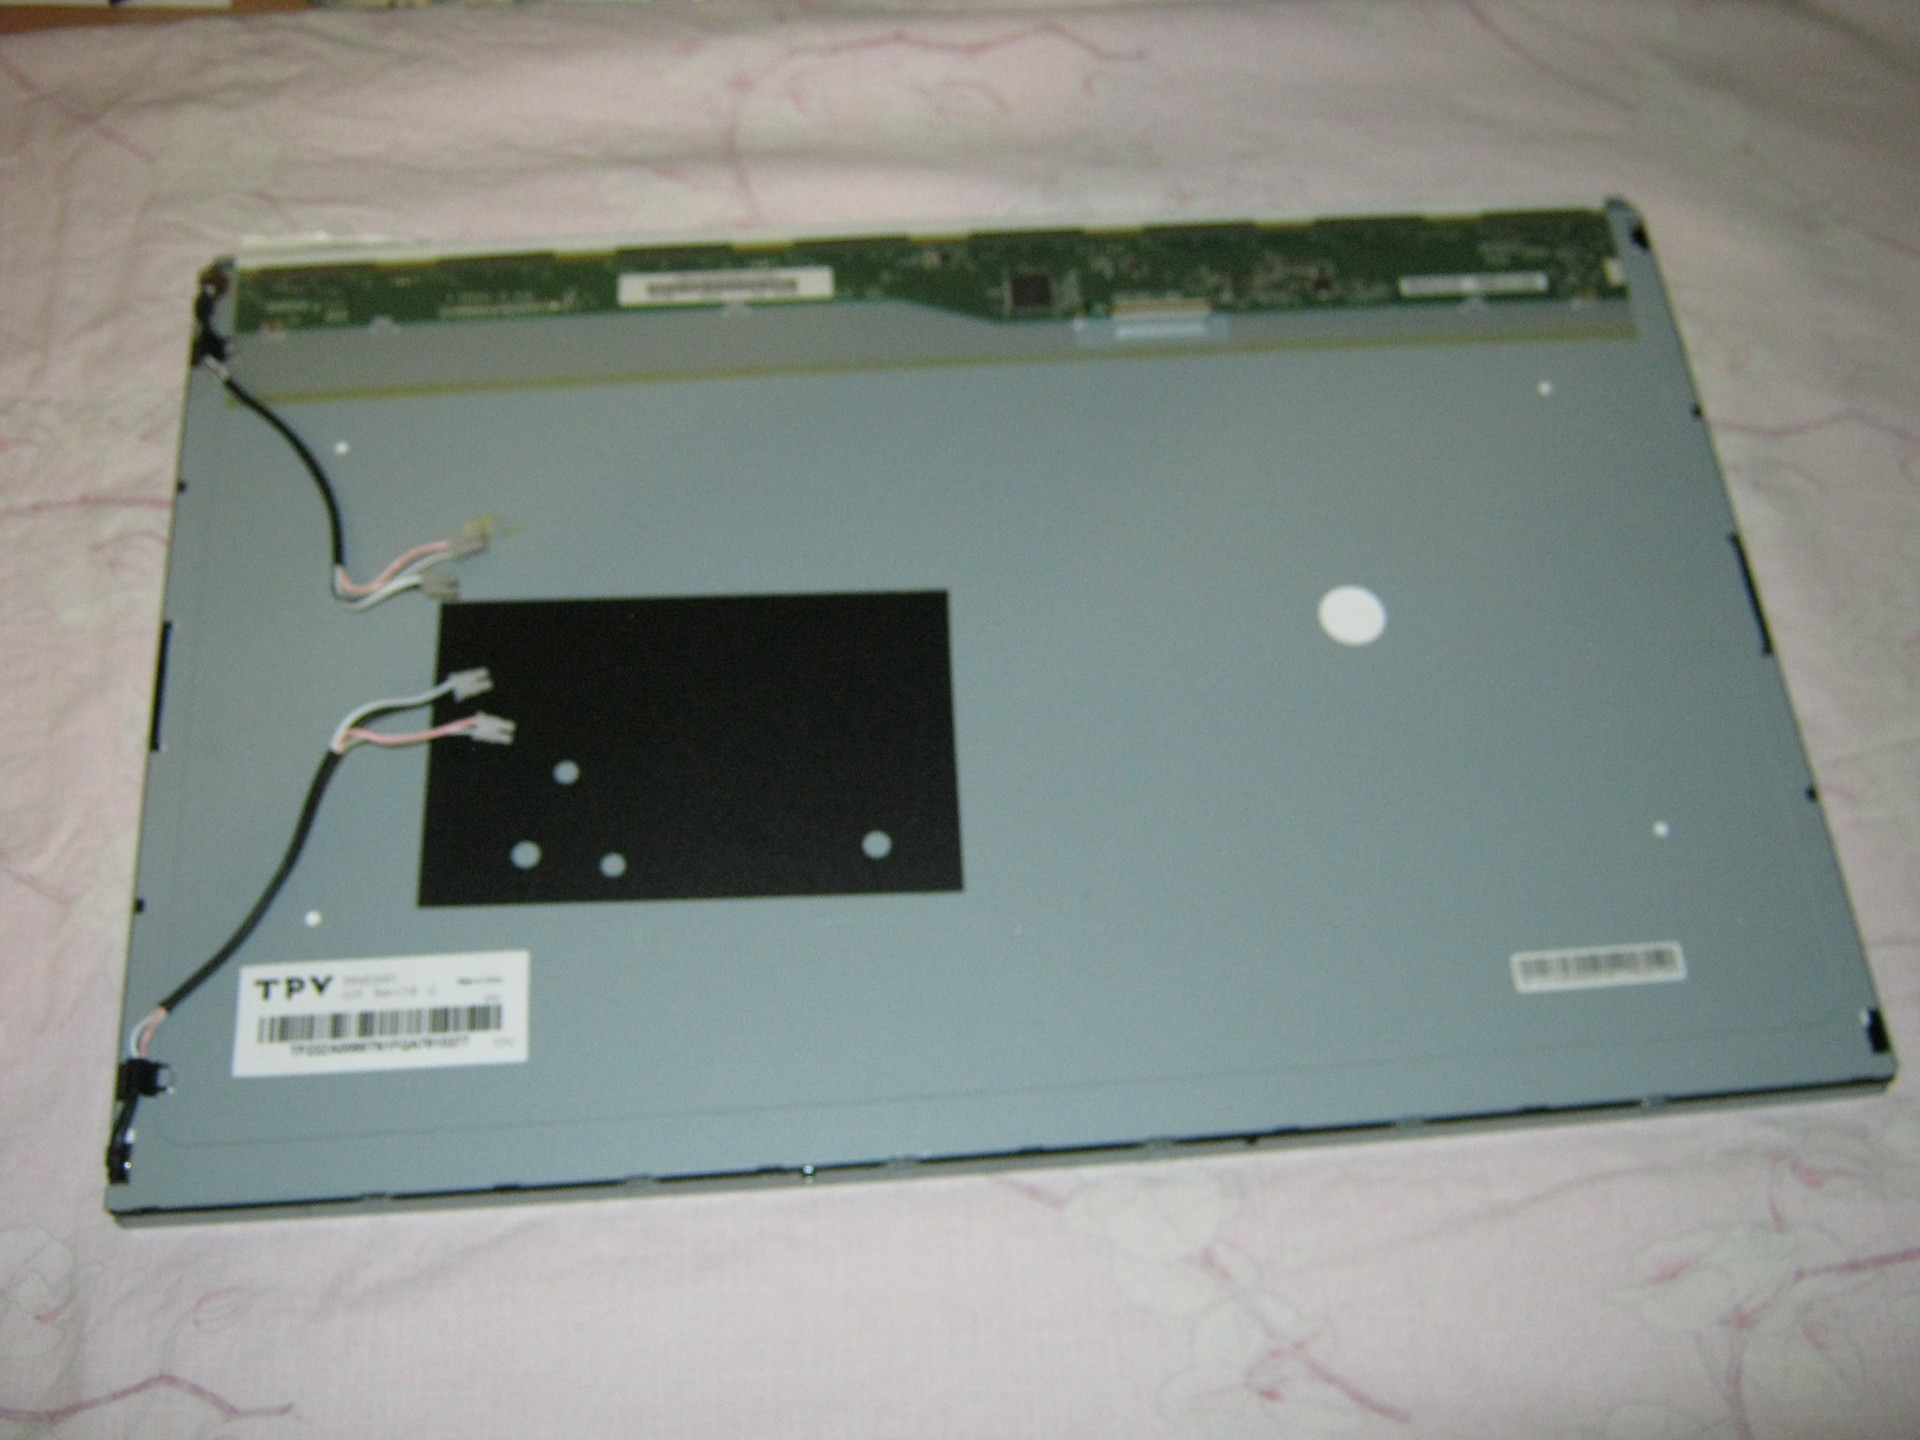 схема led подсветки для телевизора